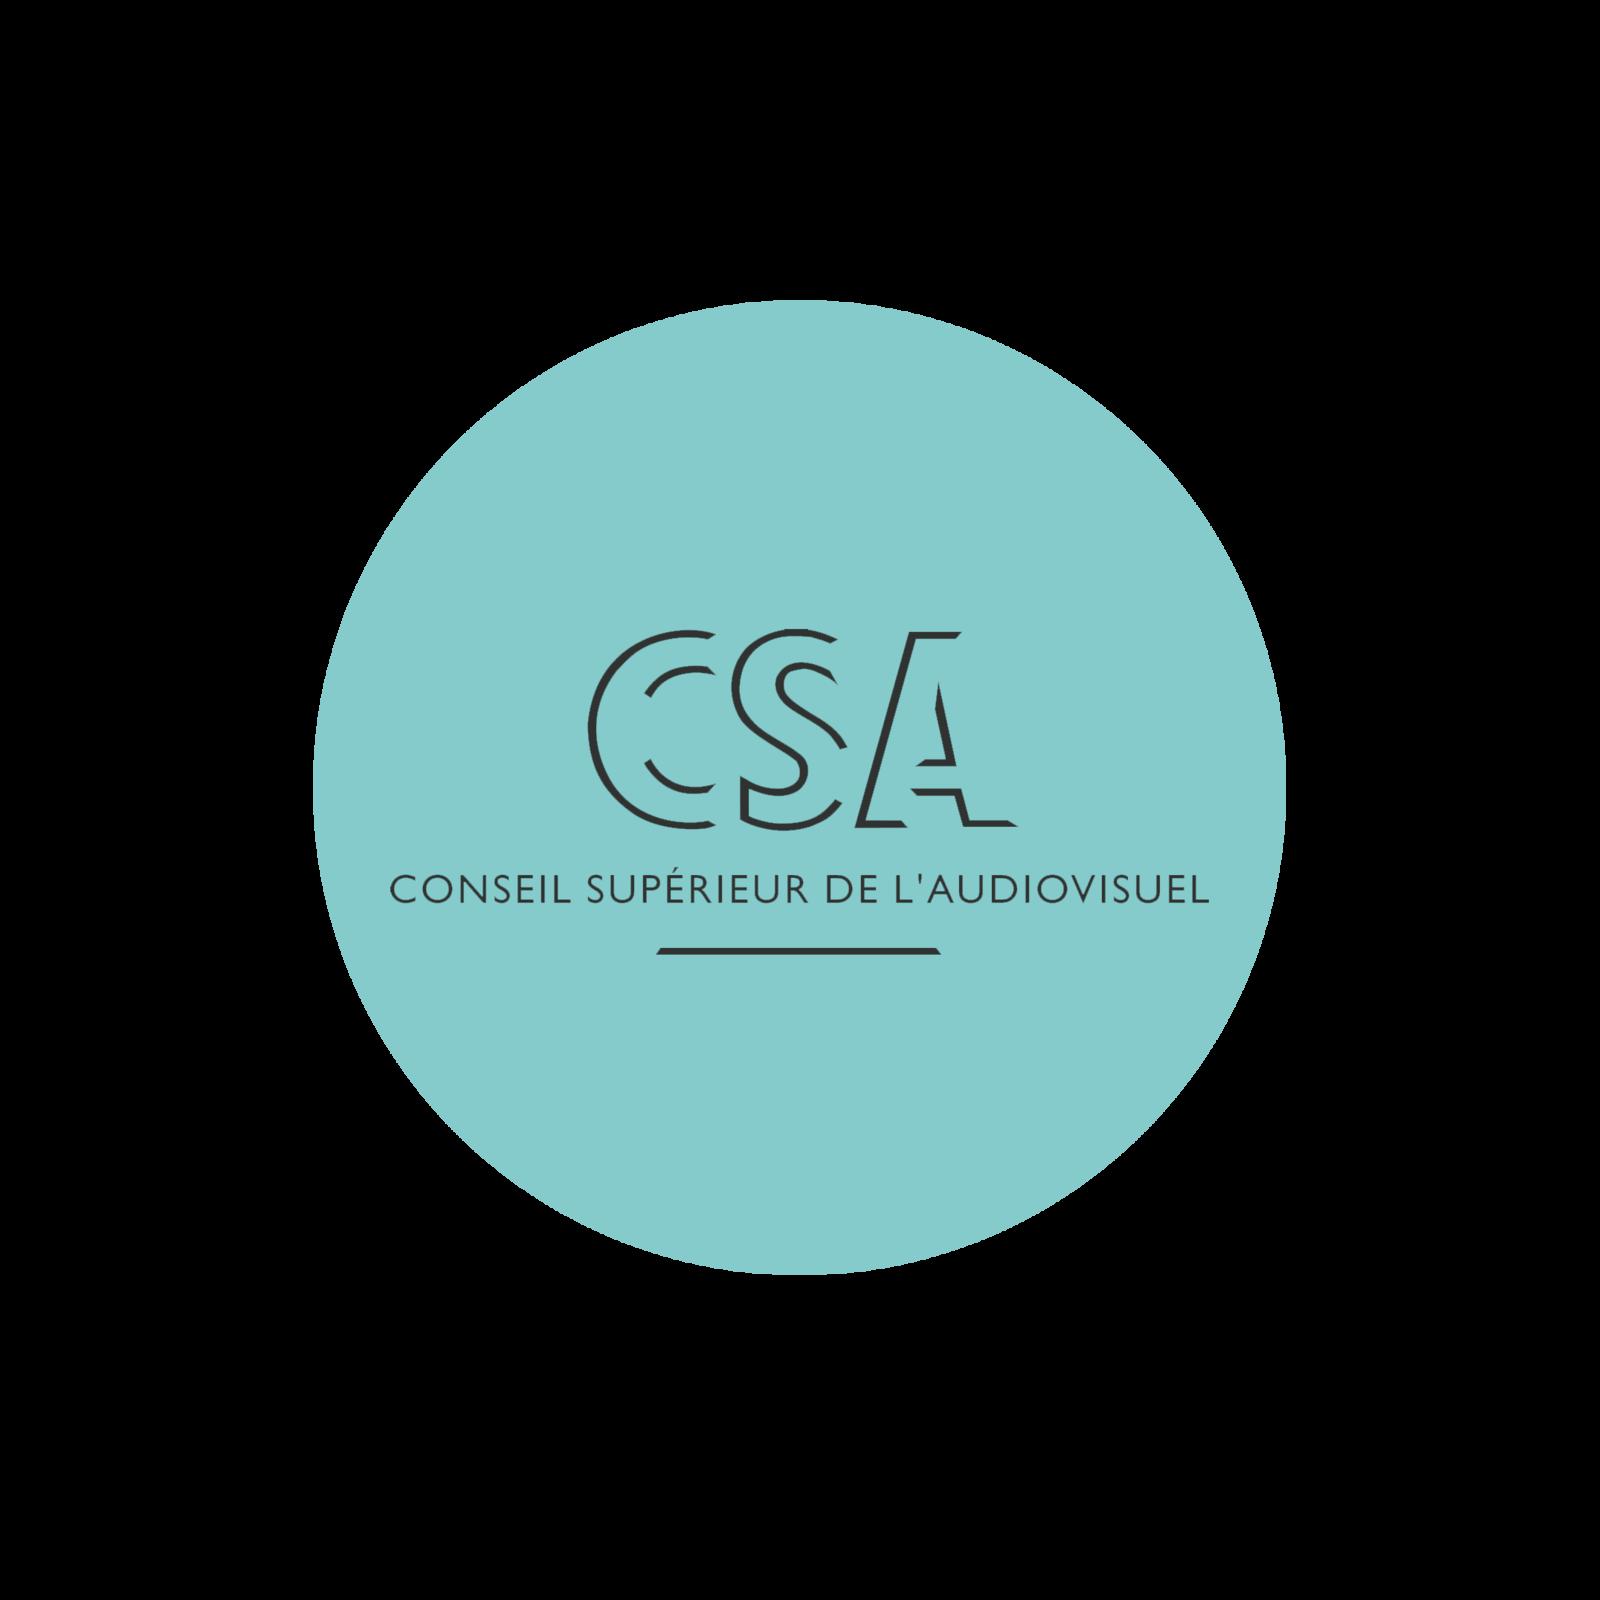 Le CSA saisi par plusieurs centaines de personnes suite à une séquence de TPMP Radio Baba.